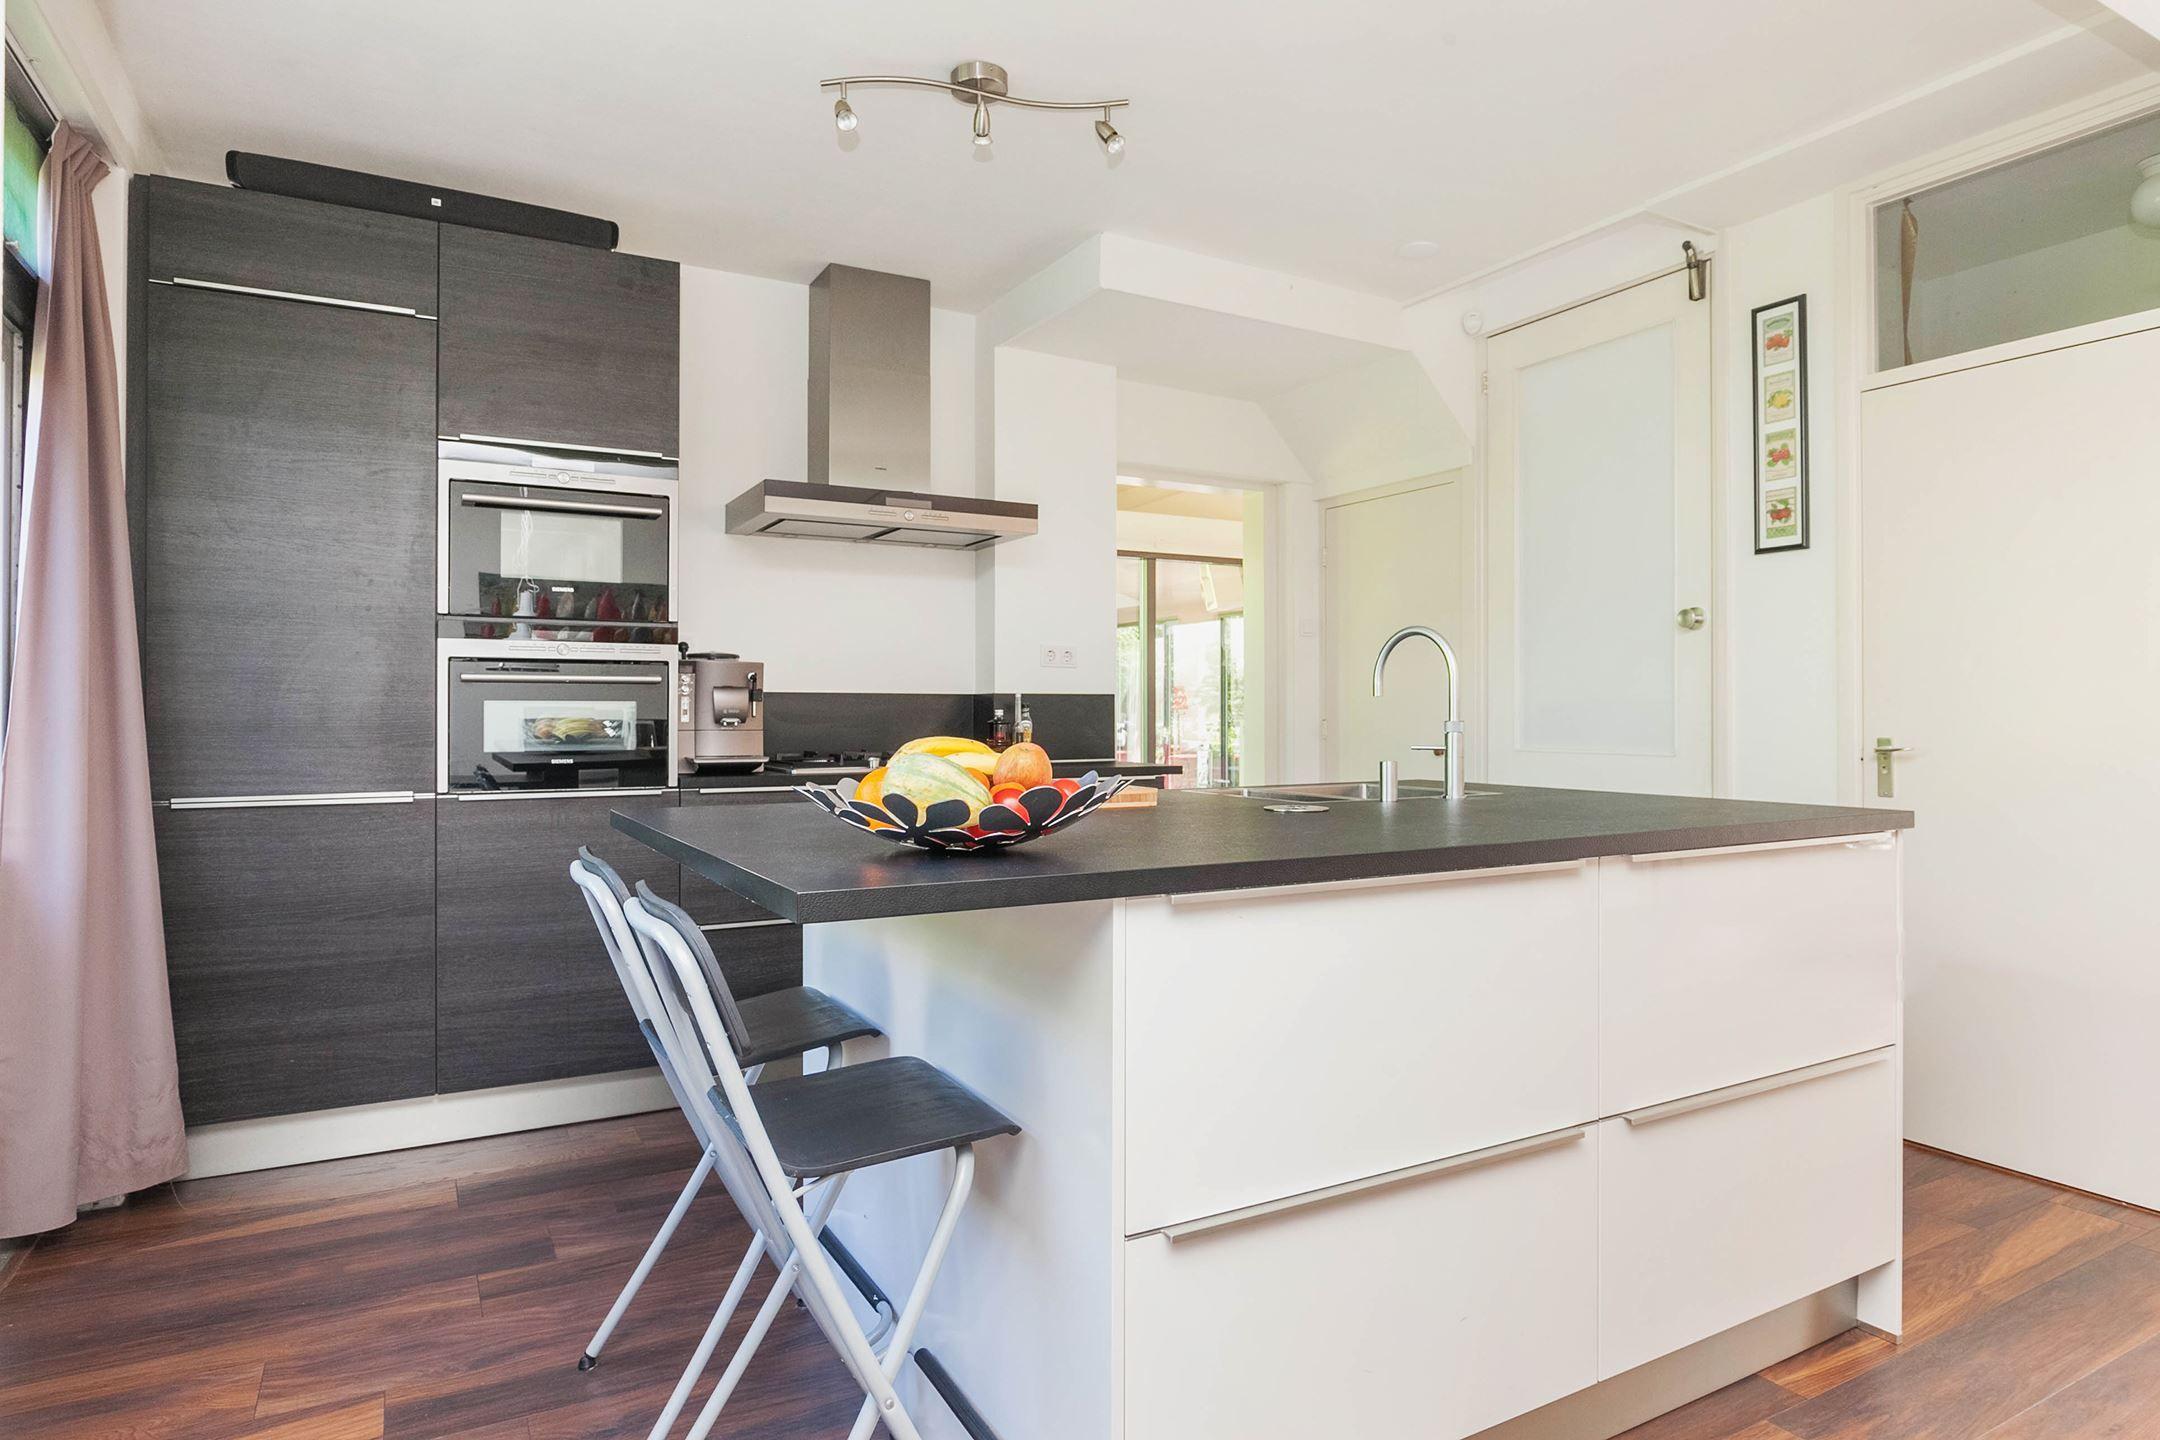 Design Kleine Keuken : Kleine keuken met kookeiland landelijke huizen pinterest